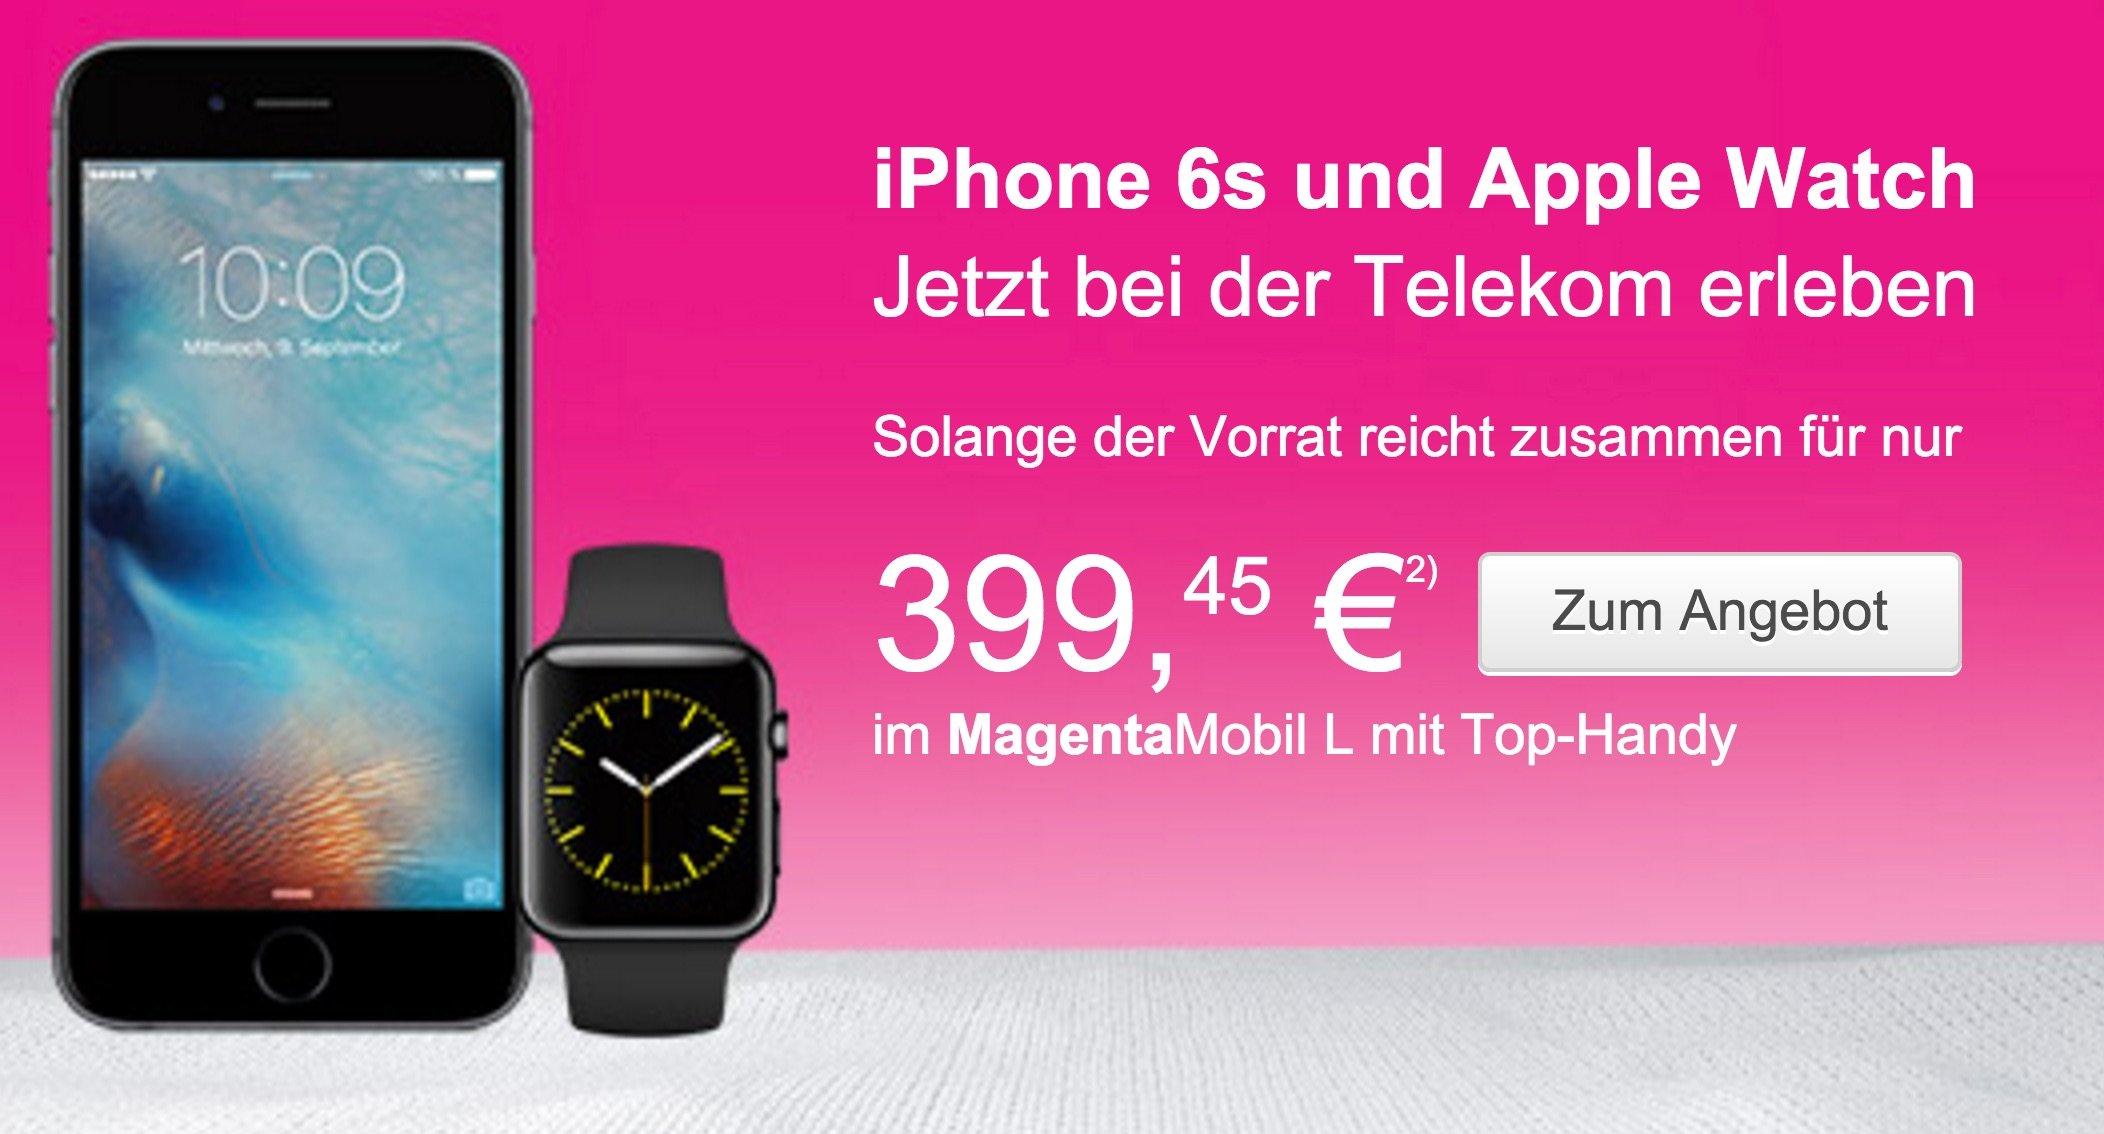 Apple Bundle der Extraklasse: iPhone 6s und Apple Watch bei Telekom 1